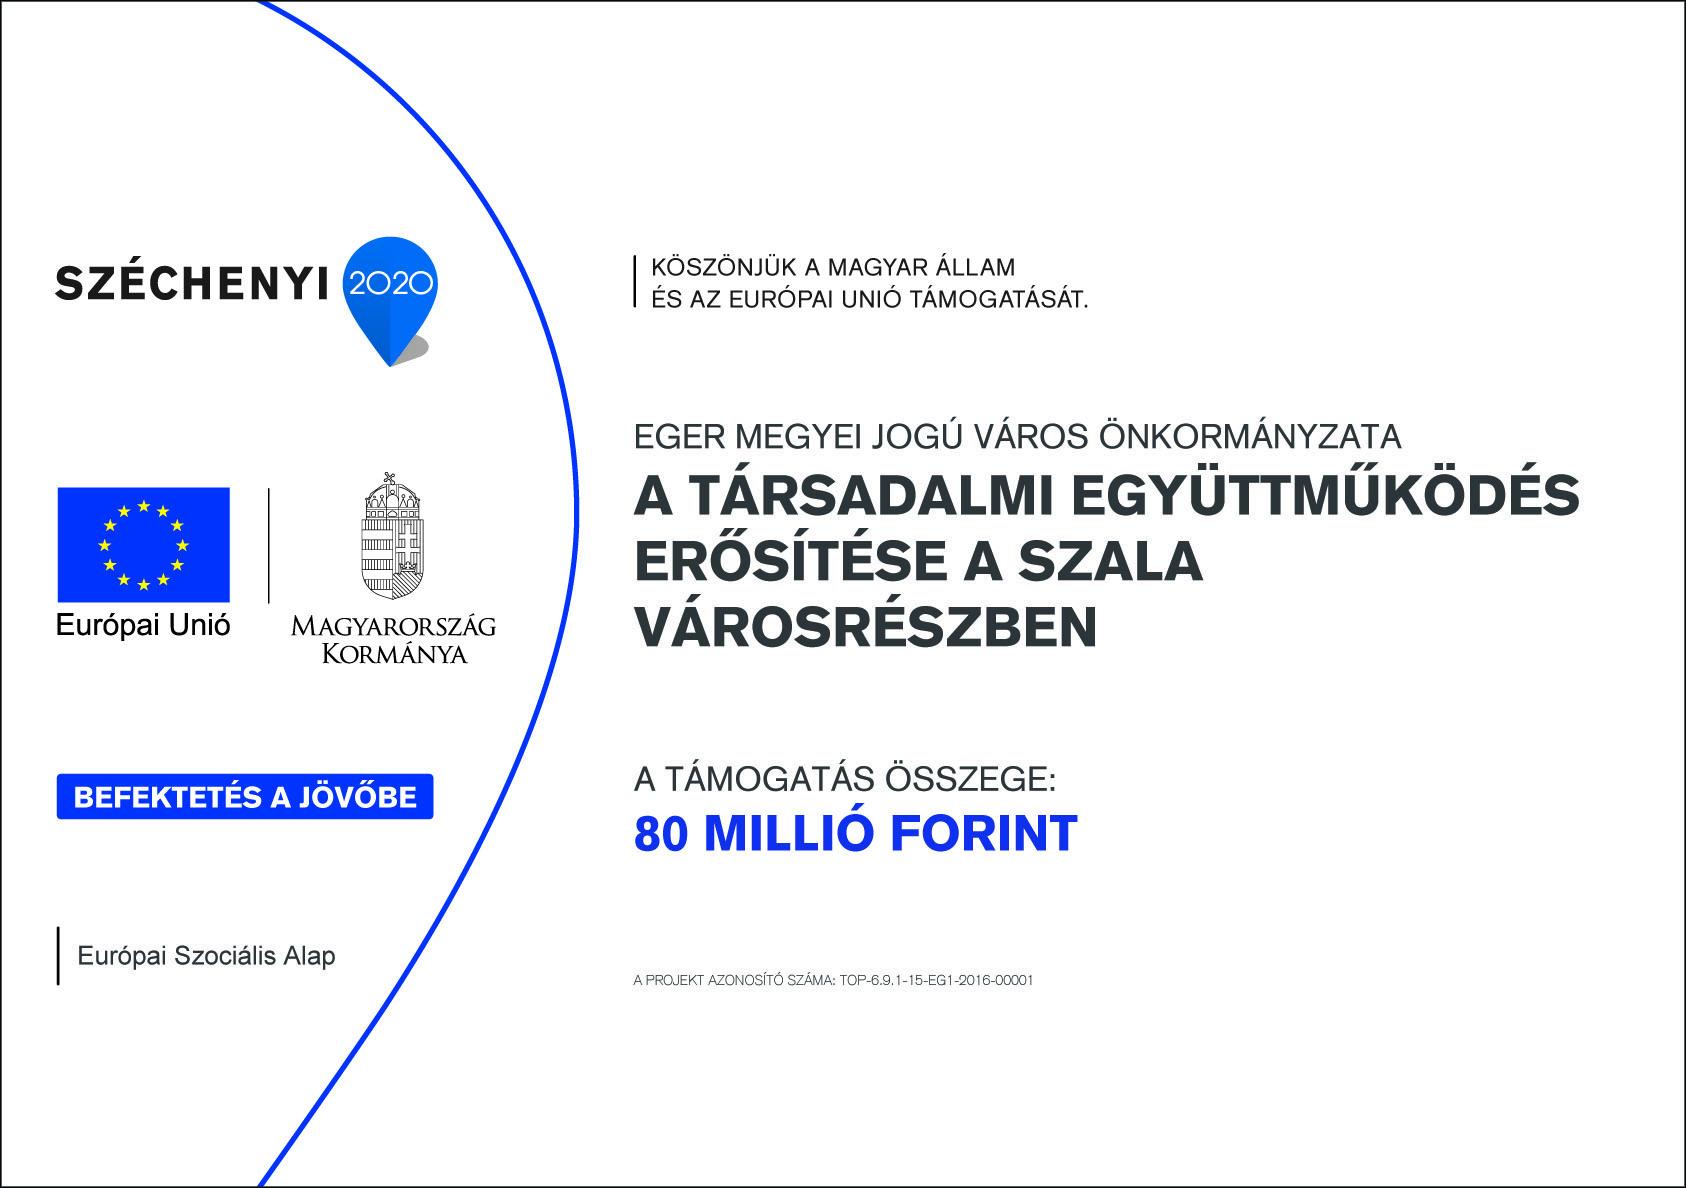 A társadalmi együttműködés erősítése a Szala városrészben